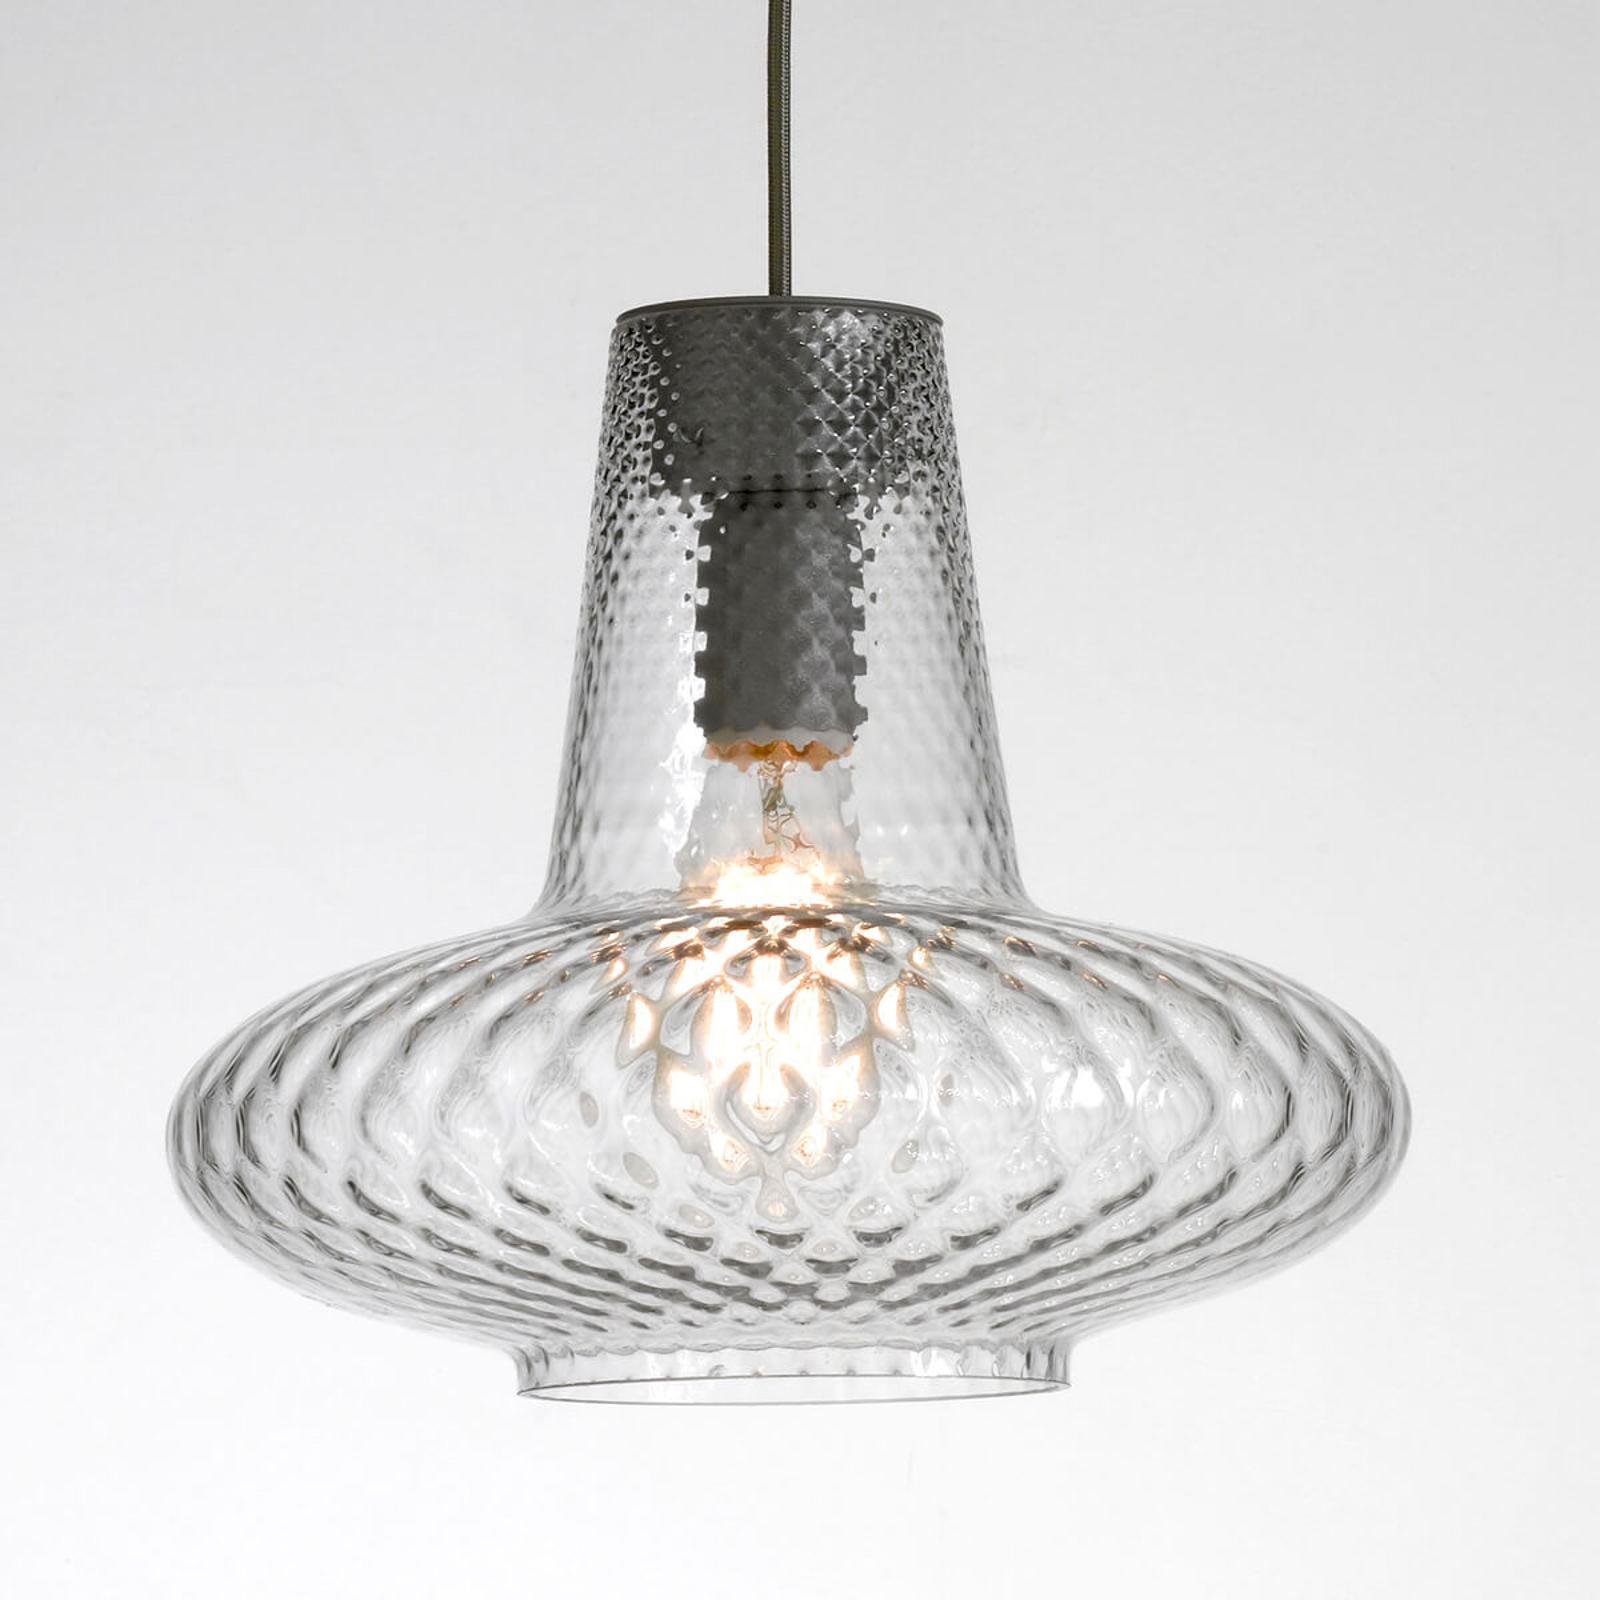 Szklana lampa wisząca Giulietta, przezroczysta